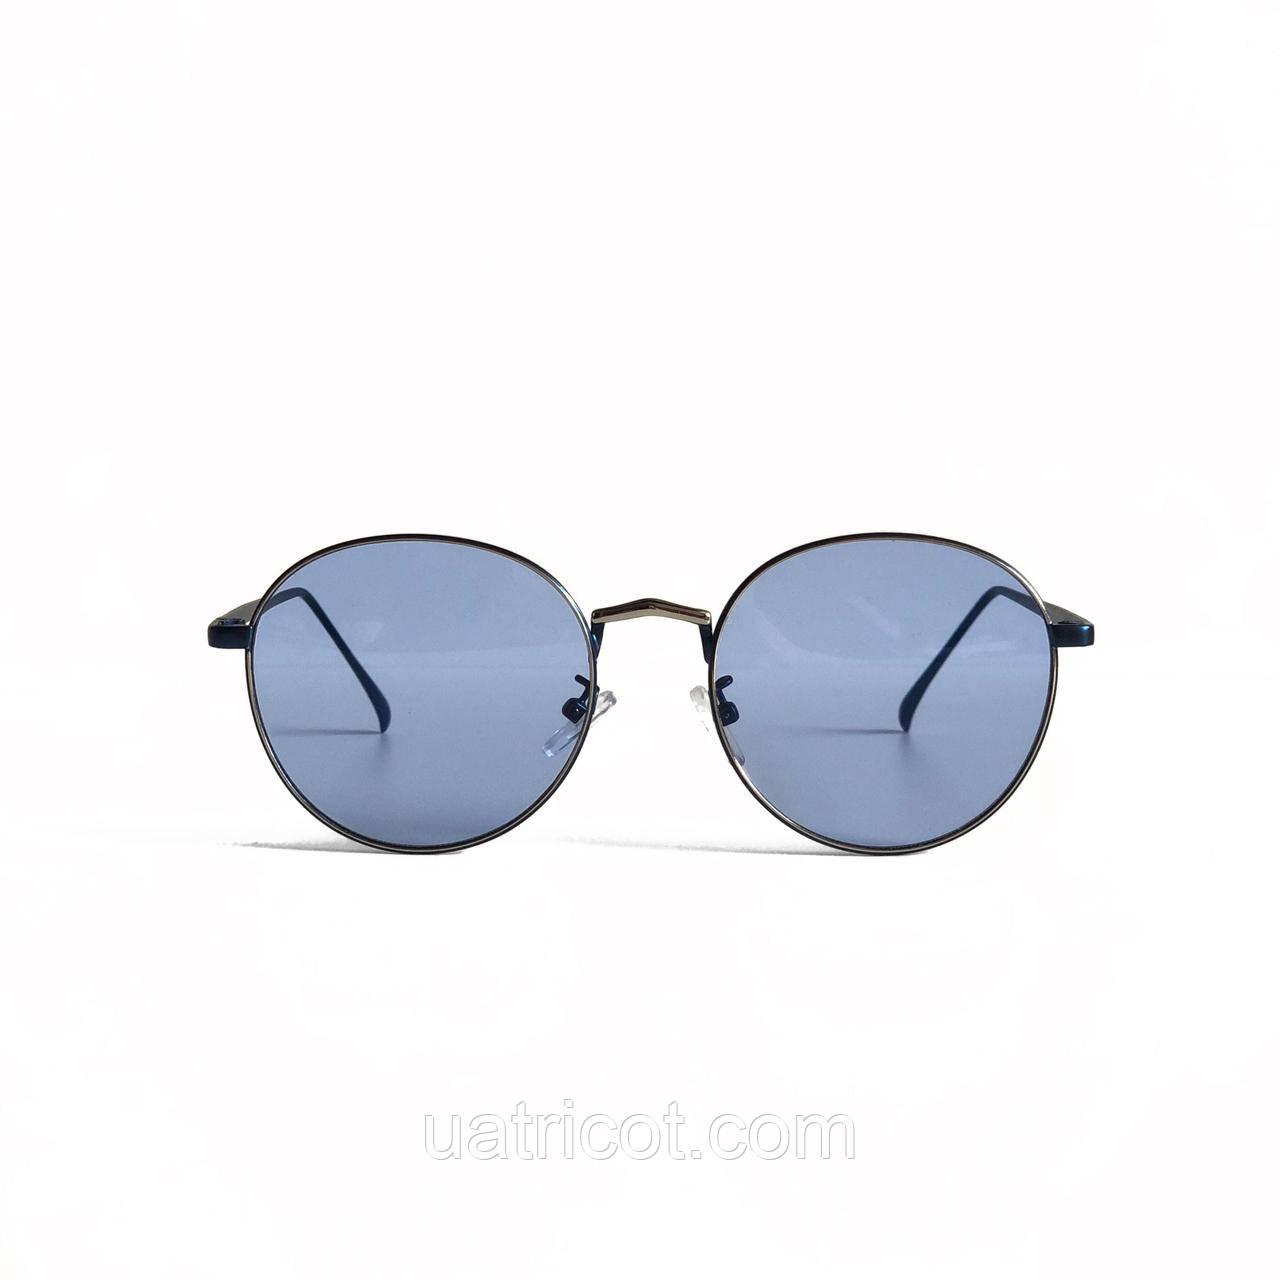 Мужские круглые солнцезащитные очки в синей оправе с голубыми линзами